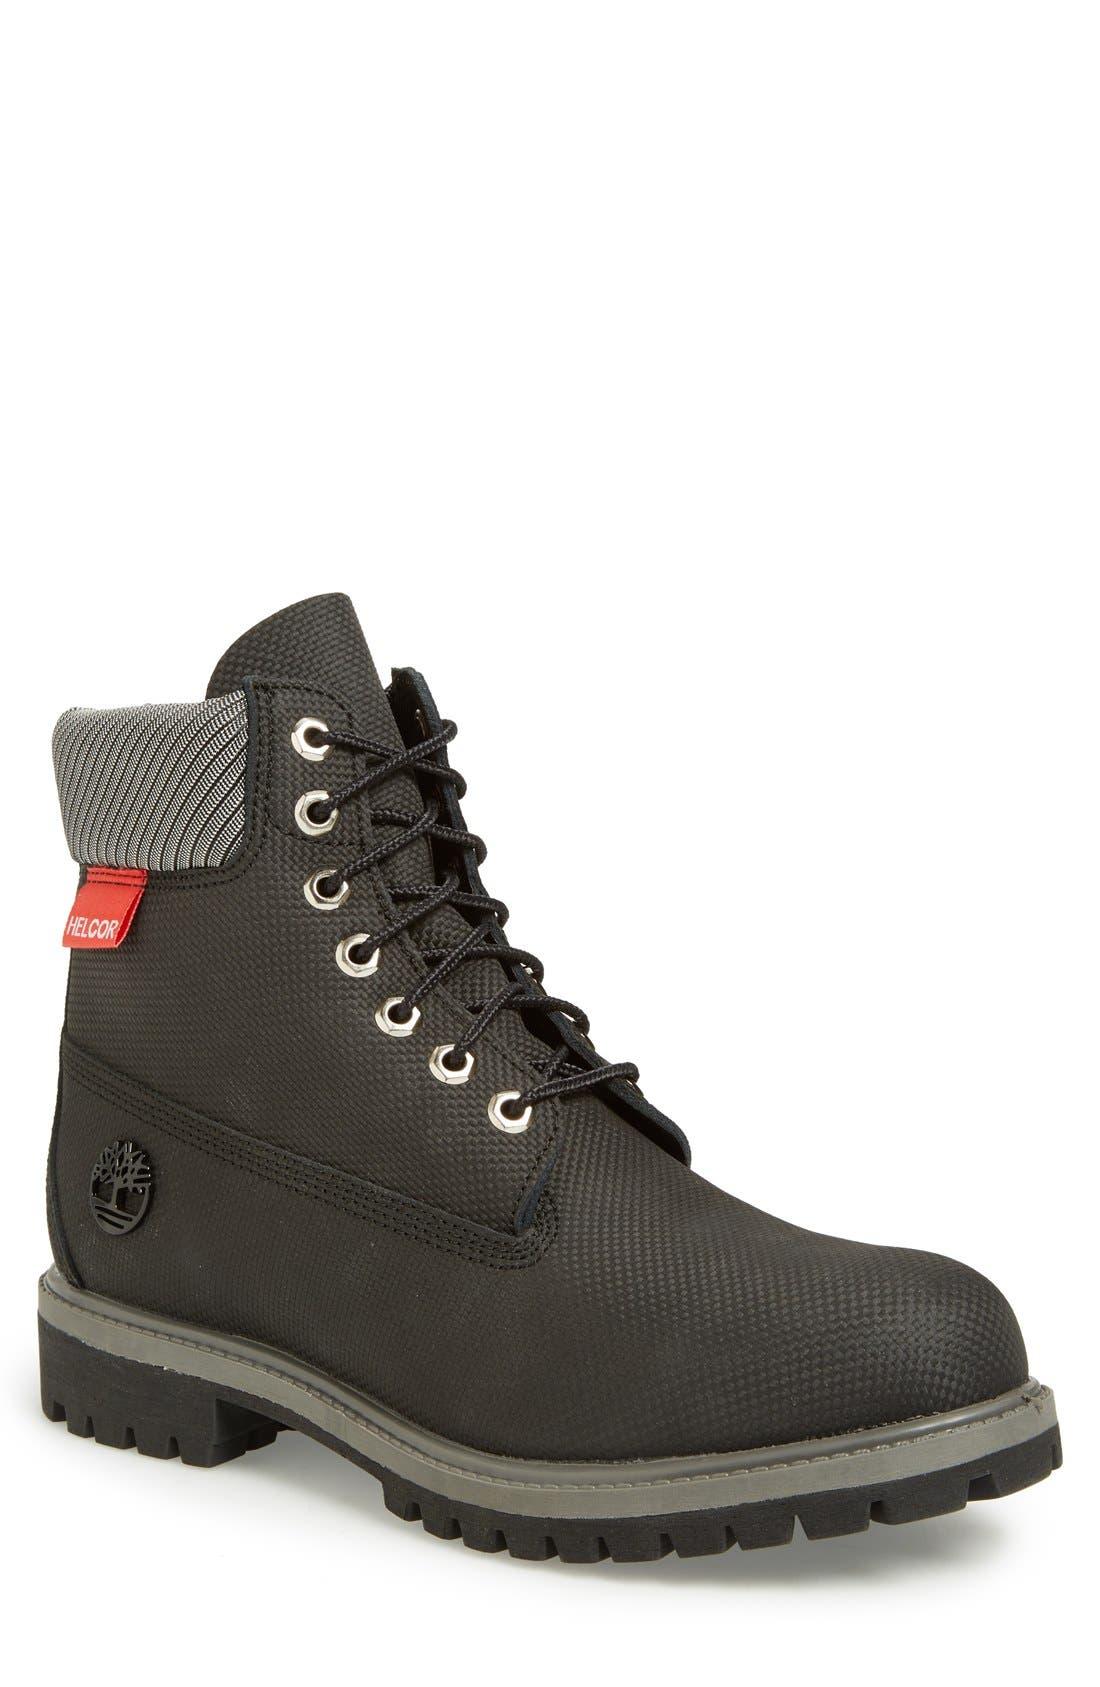 Alternate Image 1 Selected - Timberland 'Premium' Waterproof Plain Toe Boot (Men)